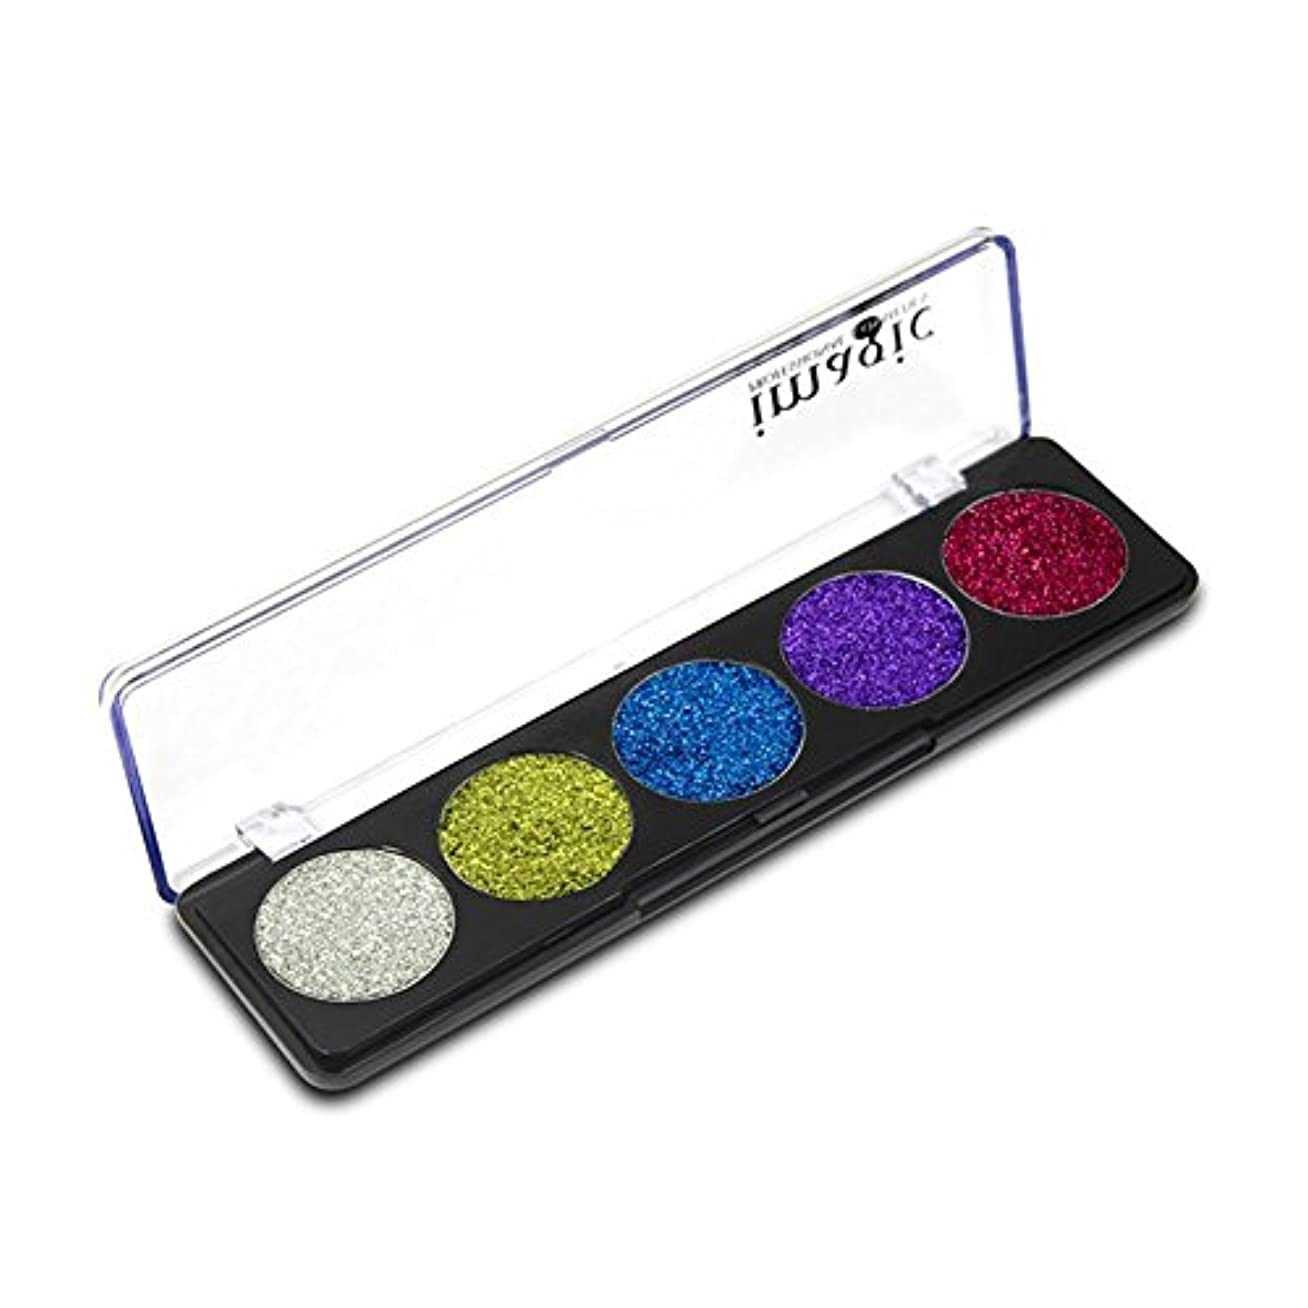 一掃する二層意図するAIMERKUP IMAGIC 5色ステージアイシャドウキラキラパウダースパンコール化粧品COS懐中電灯パウダーアイシャドウパレット